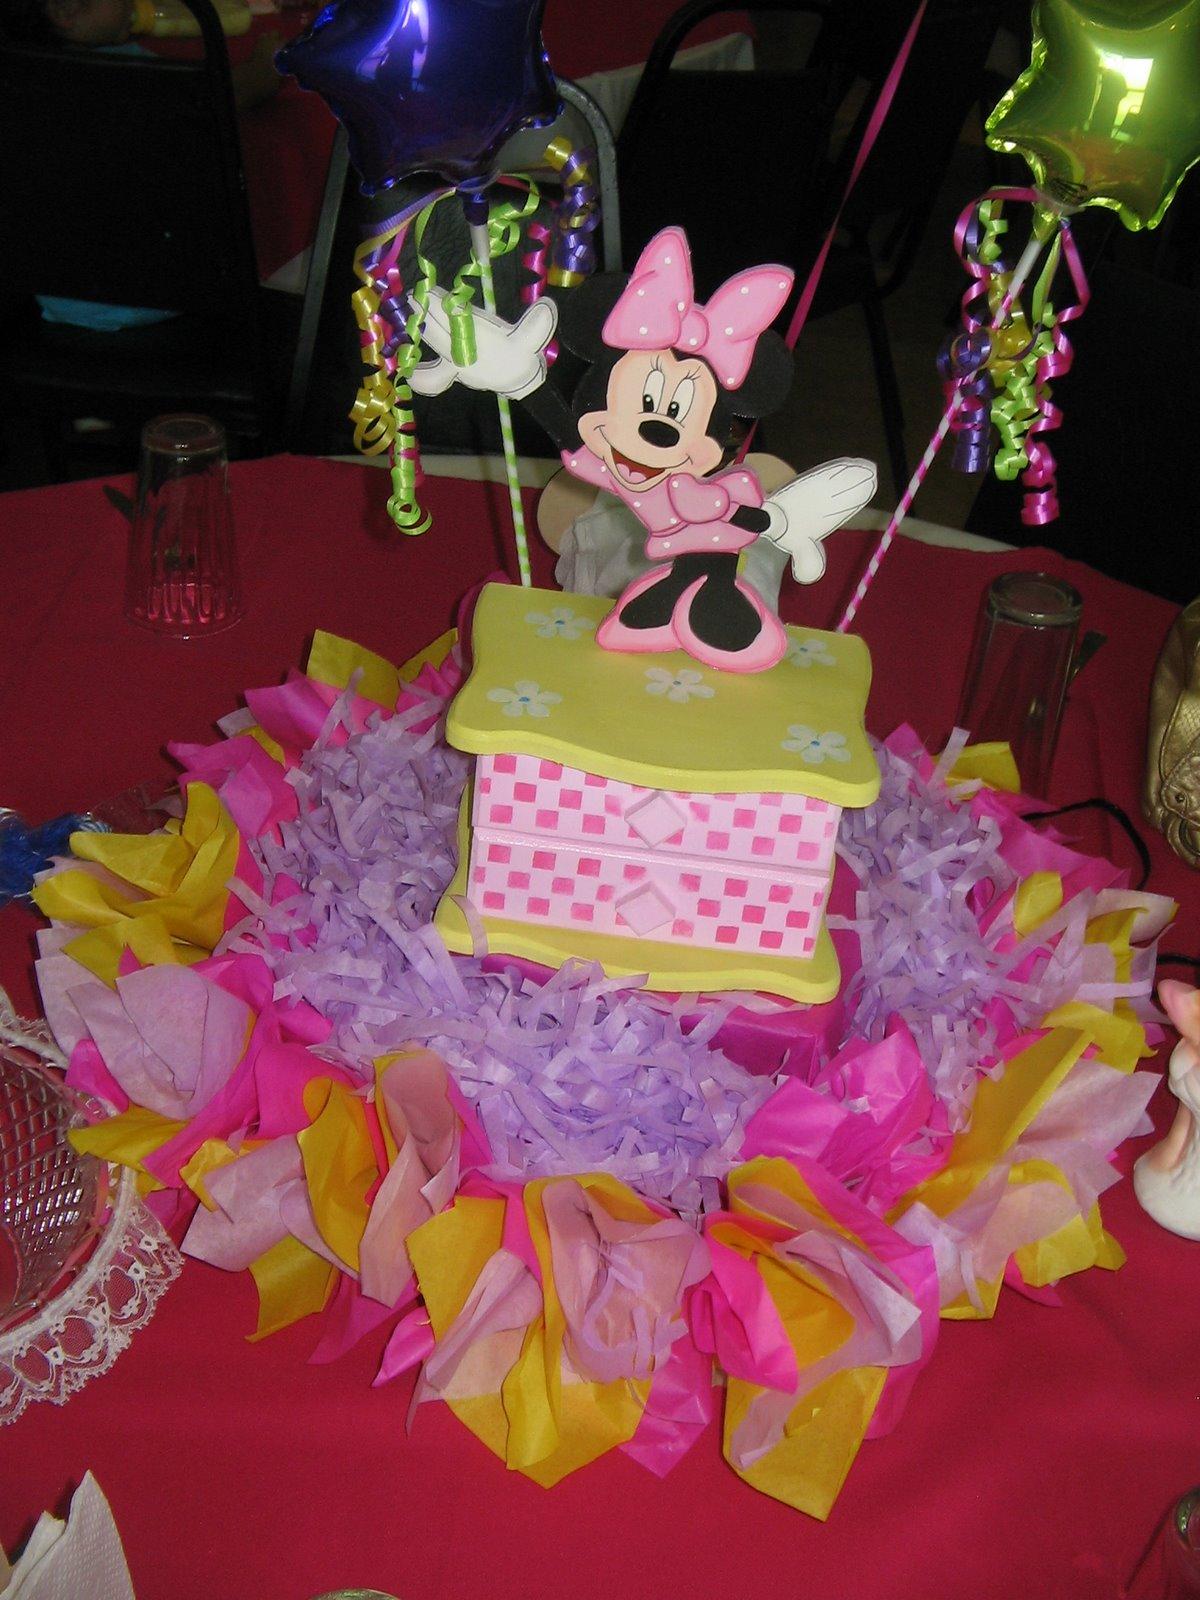 Decoración de Minnie Mouse roja en Decoraciones